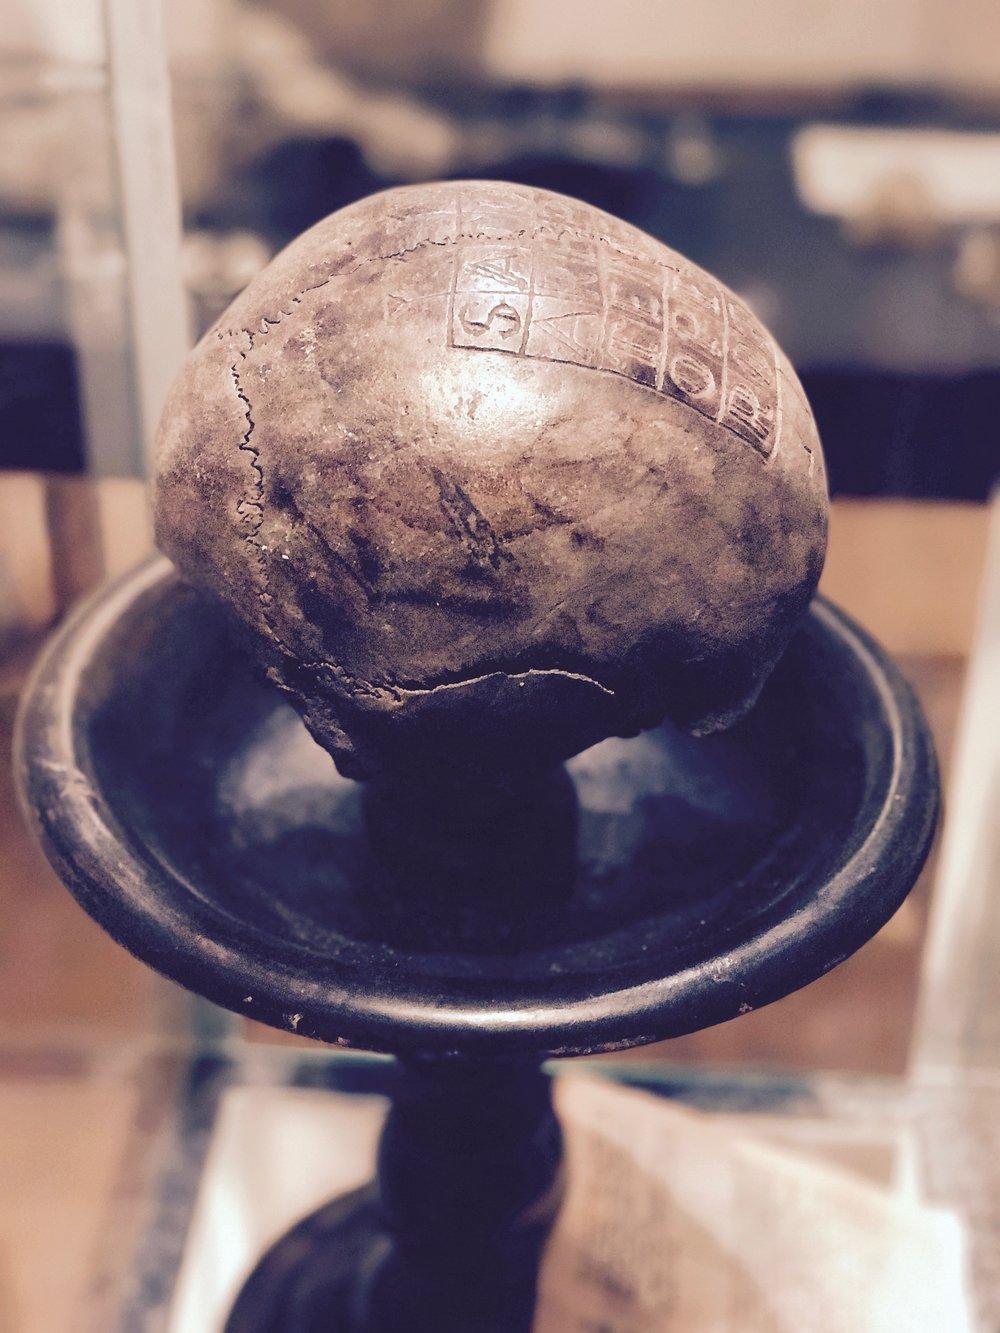 Schwurschädel (oath skull)